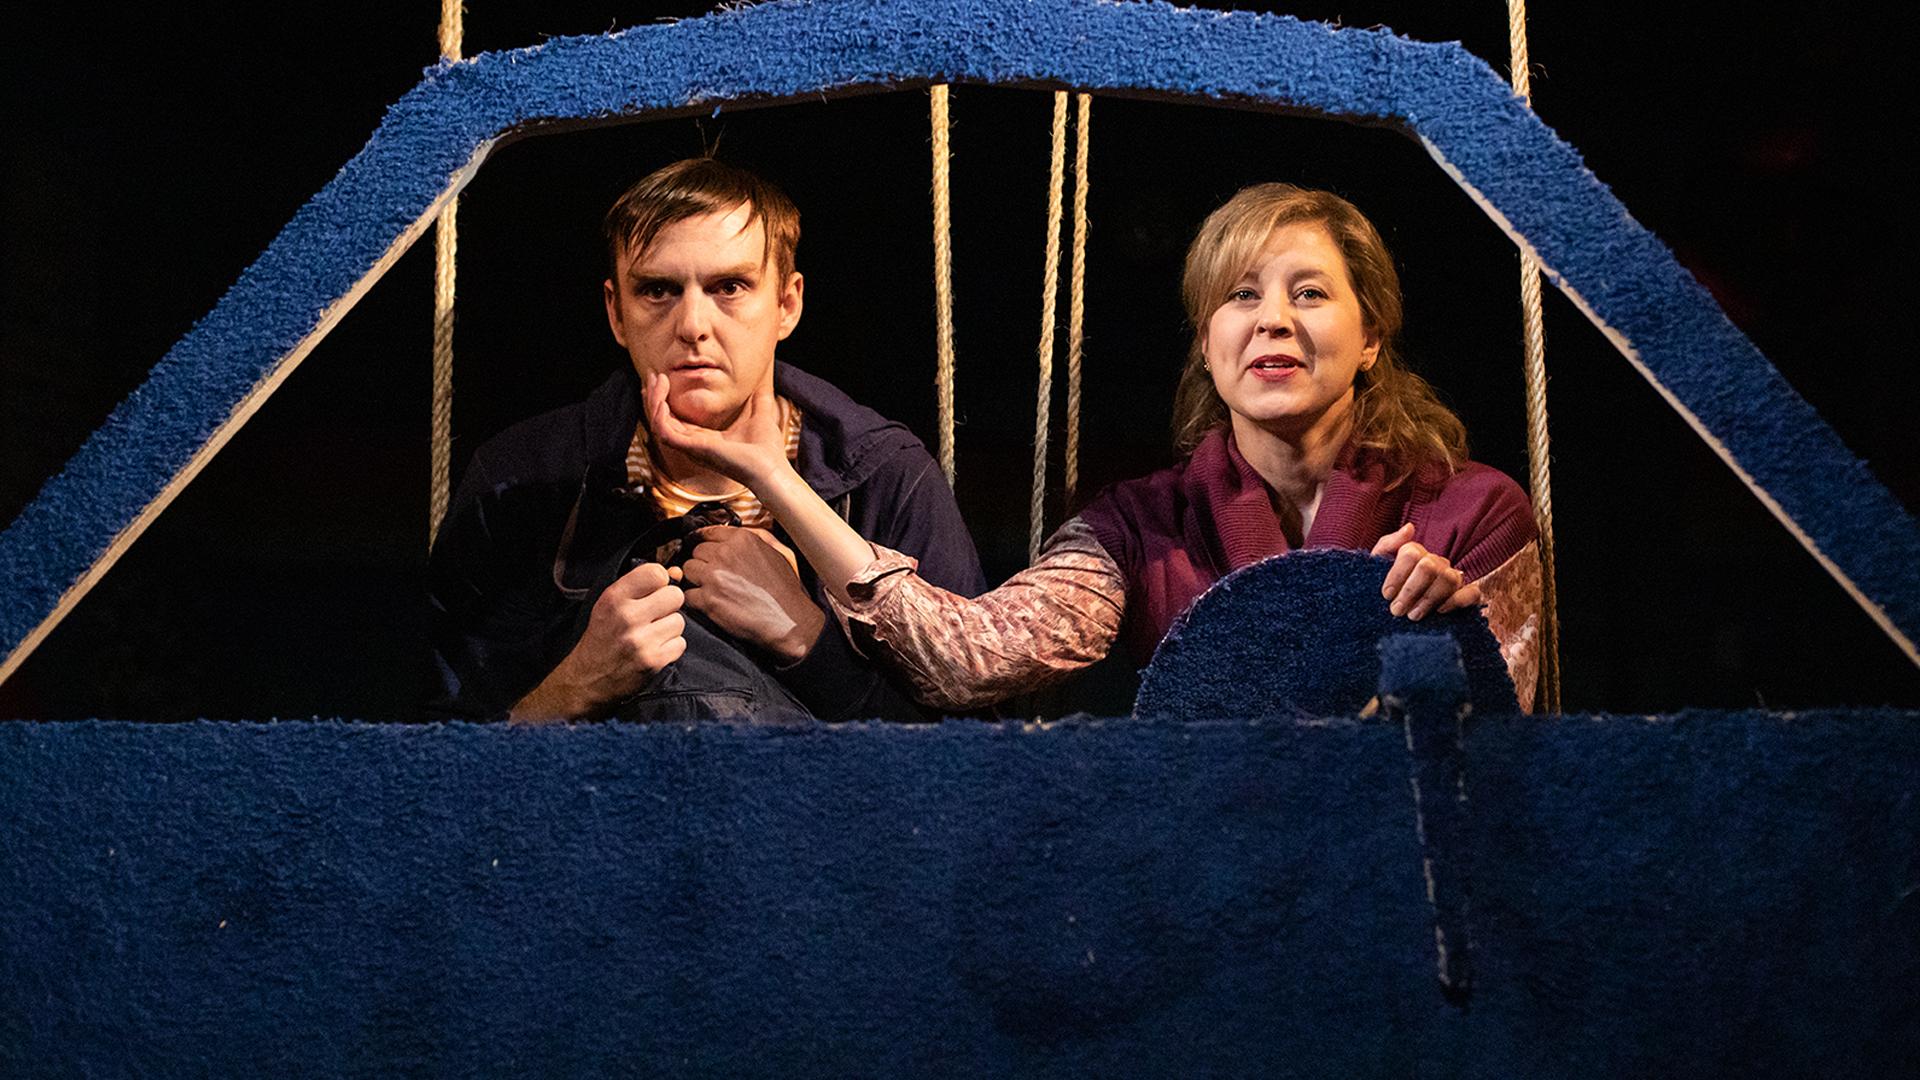 (L TO R) FRANK COX-O'CONNOR & NICOLE UNDERHAY. PHOTO BY KRISTINA RUDDICK.